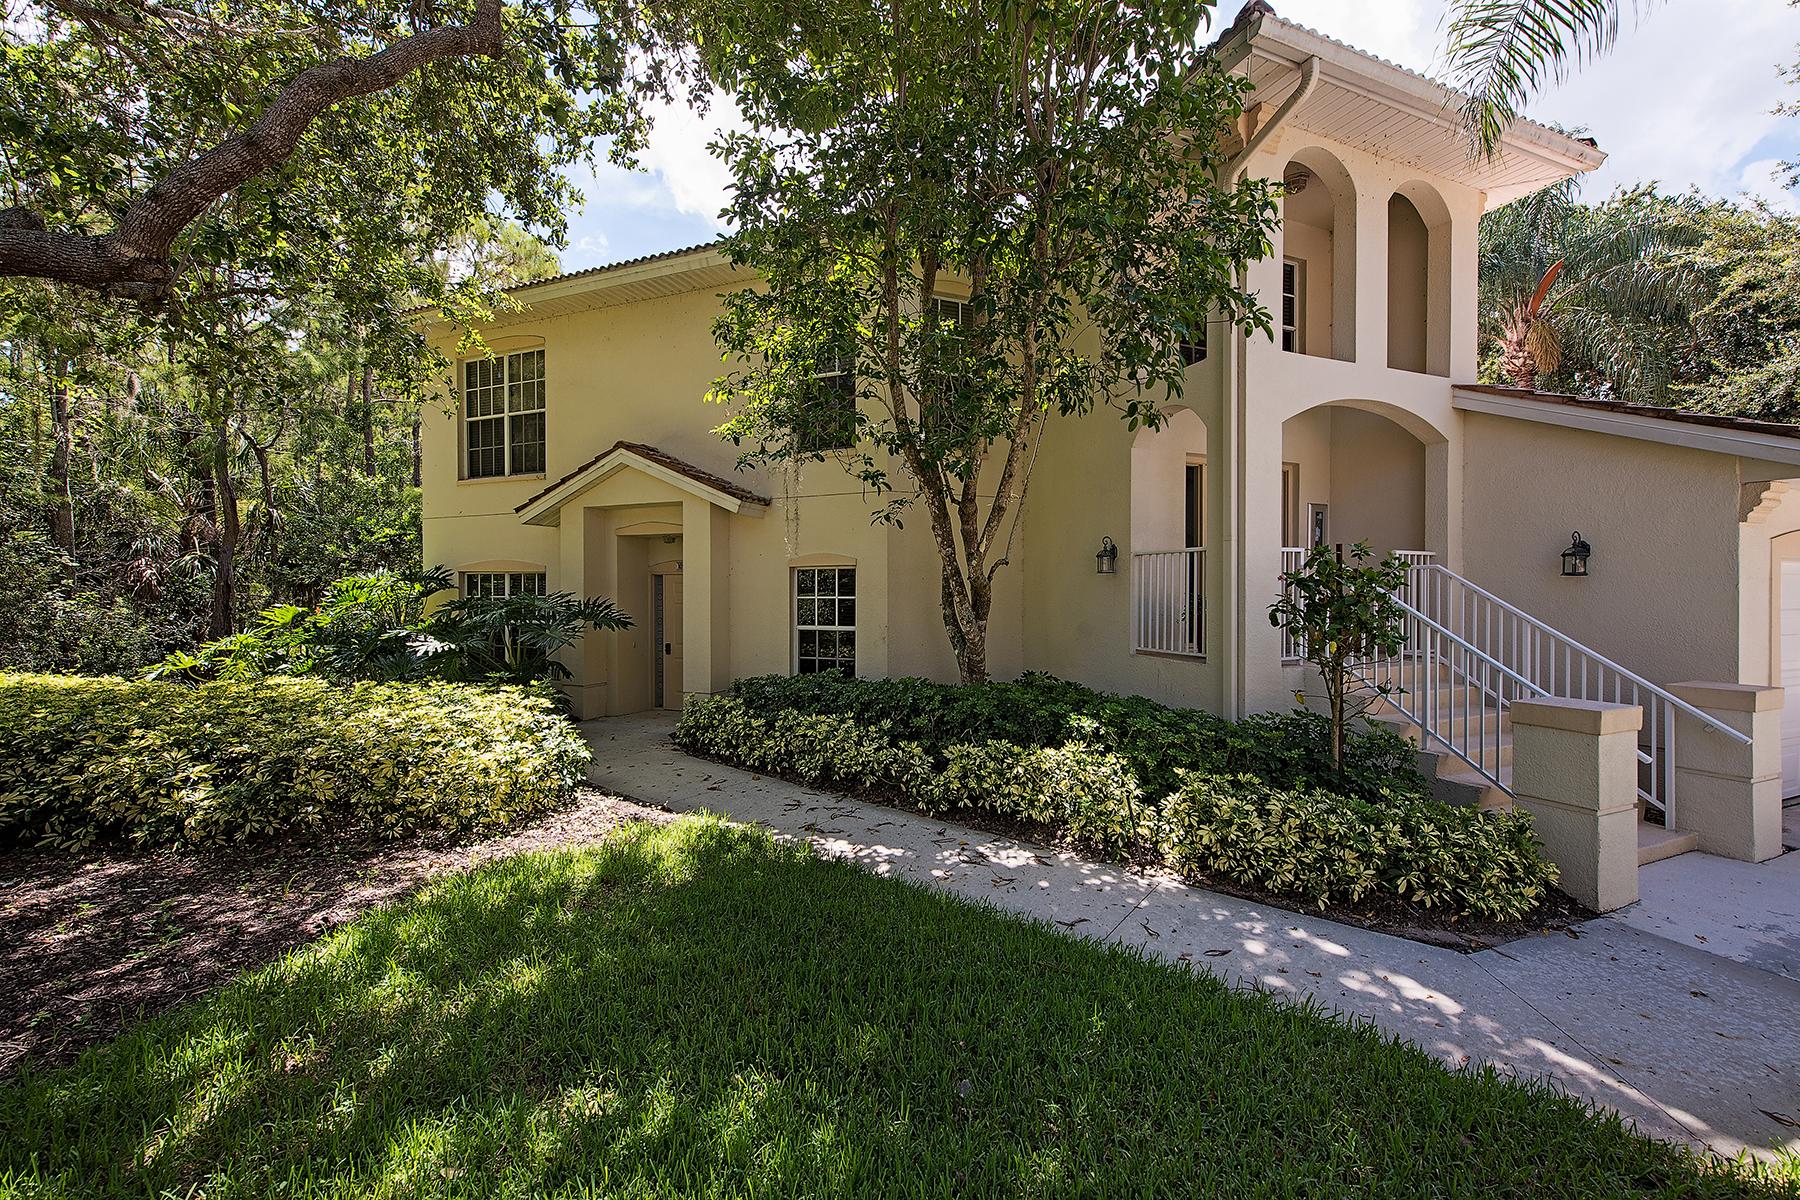 共管式独立产权公寓 为 销售 在 PELICAN MARSH - EGRETS WALK 1061 Egrets Walk Cir 101 那不勒斯, 佛罗里达州, 34108 美国